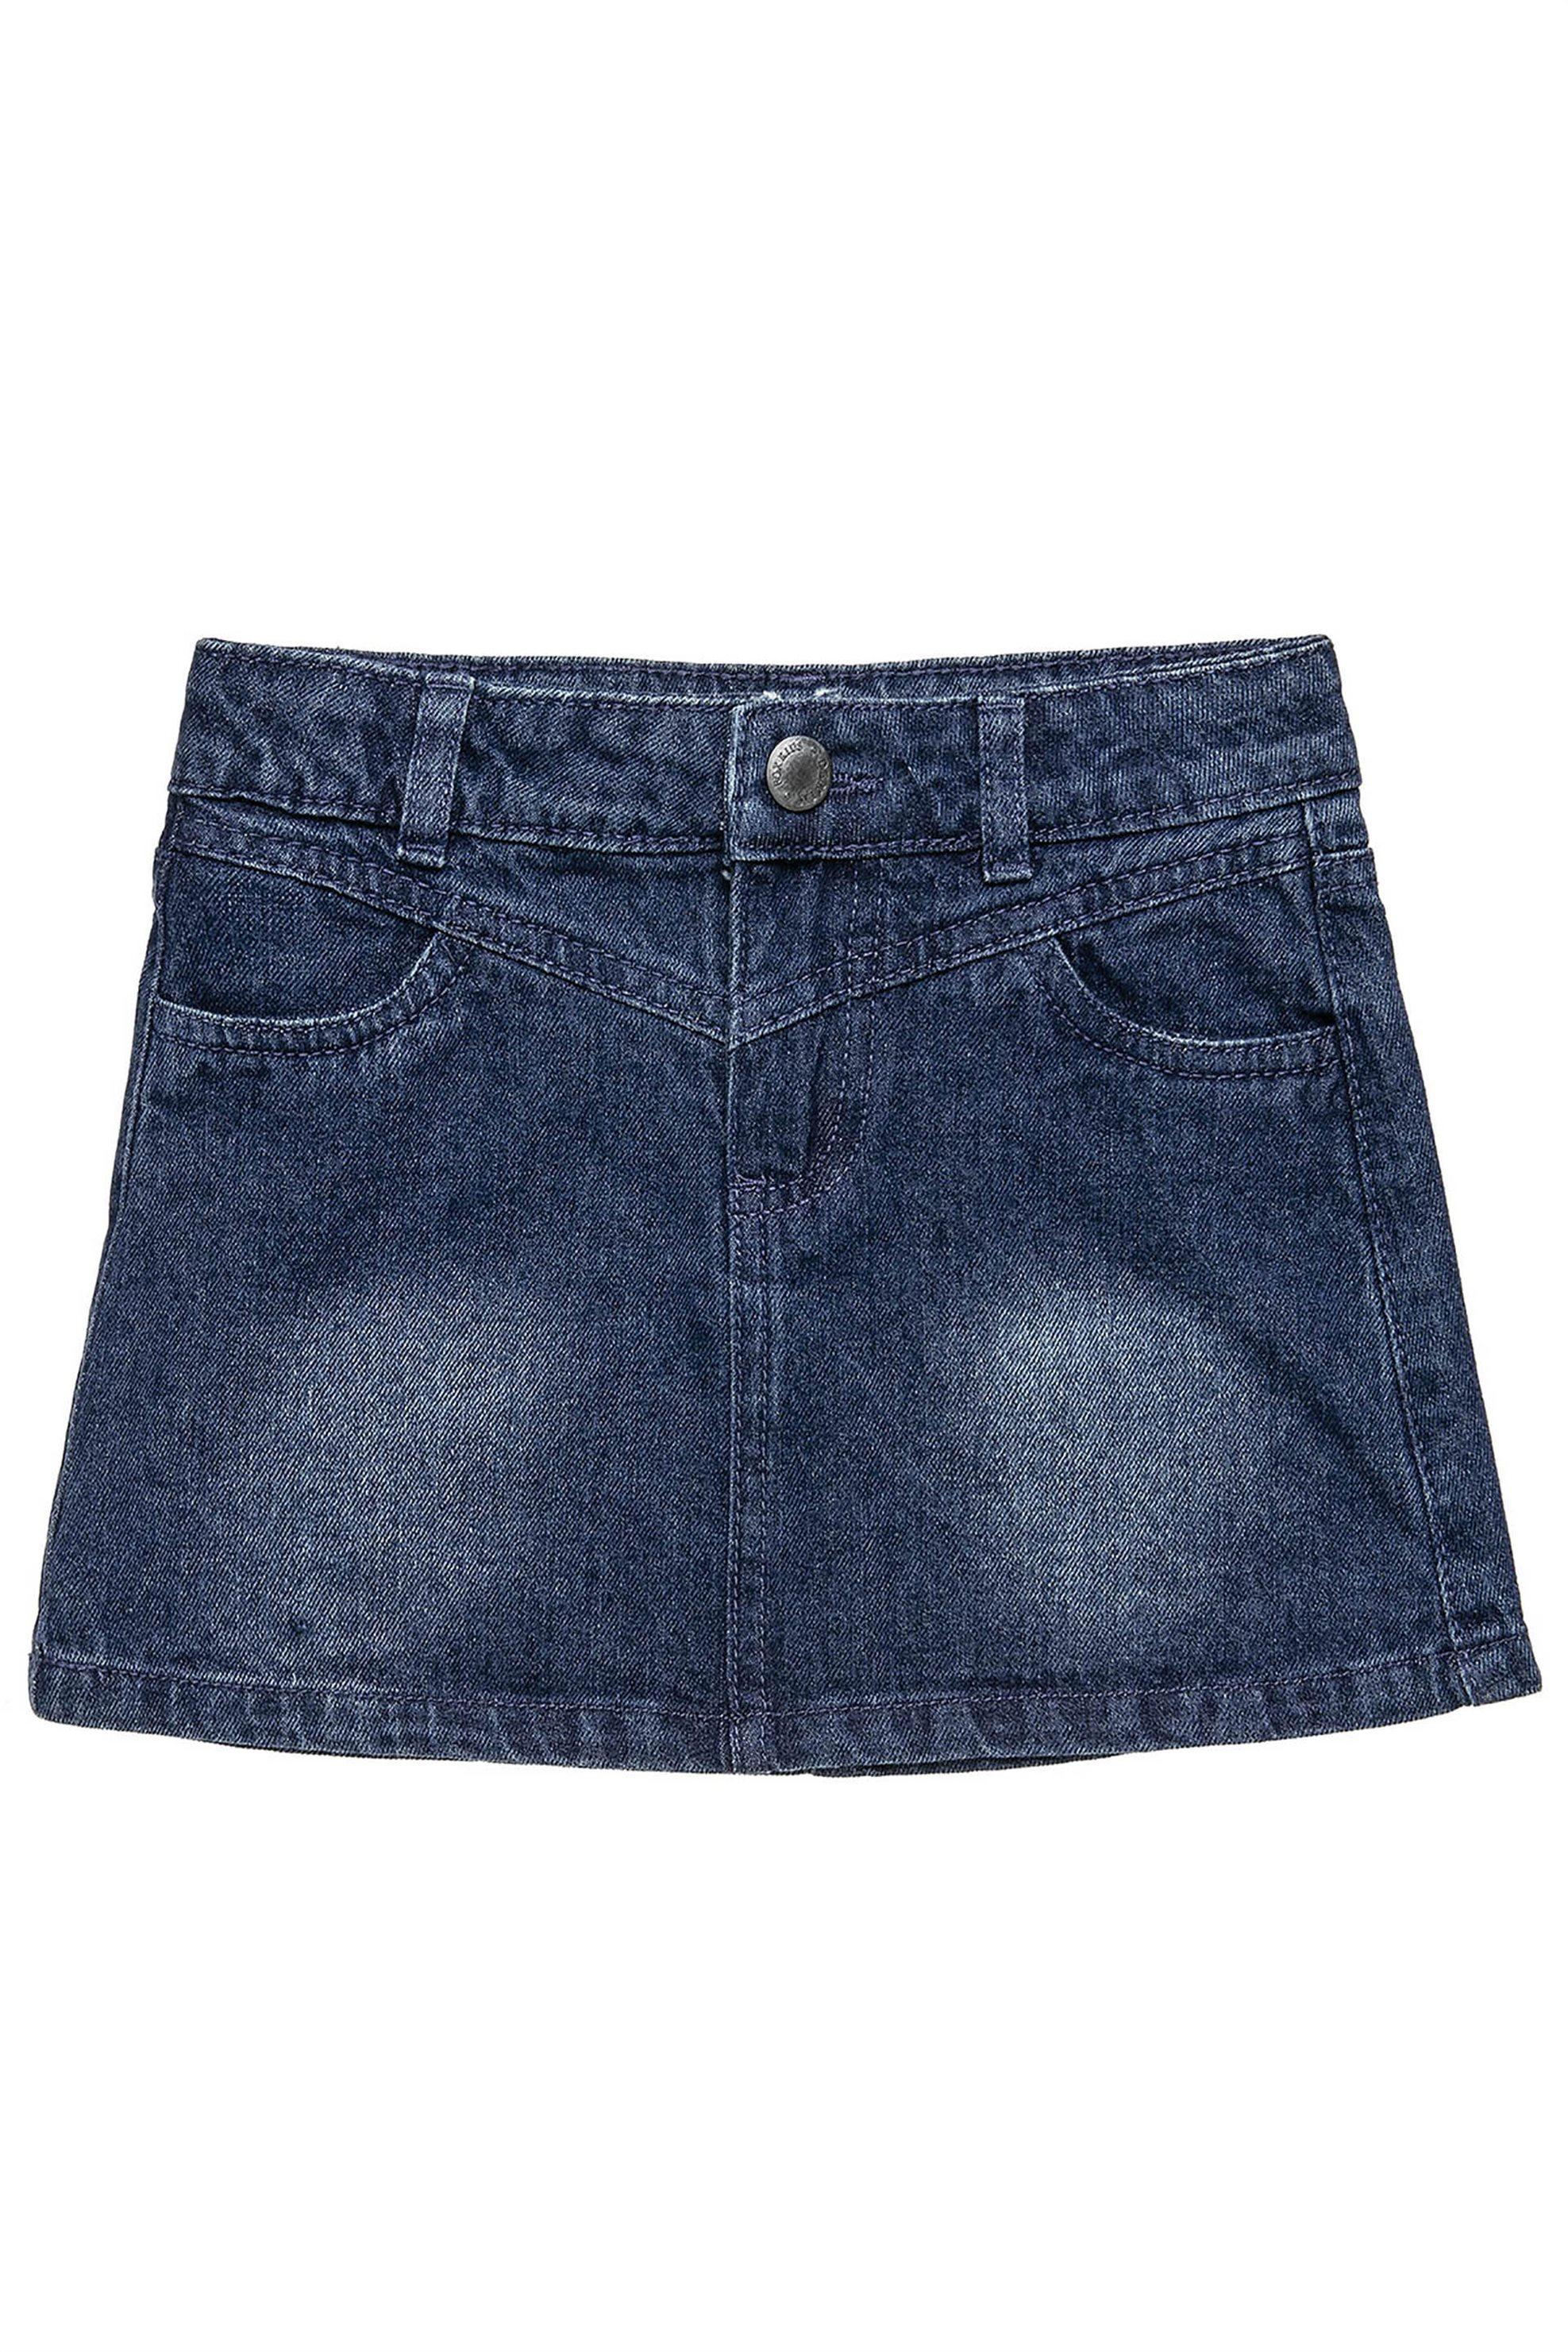 Αlouette παιδική τζην φούστα με τσέπες (6-14 ετών) - 0094193...